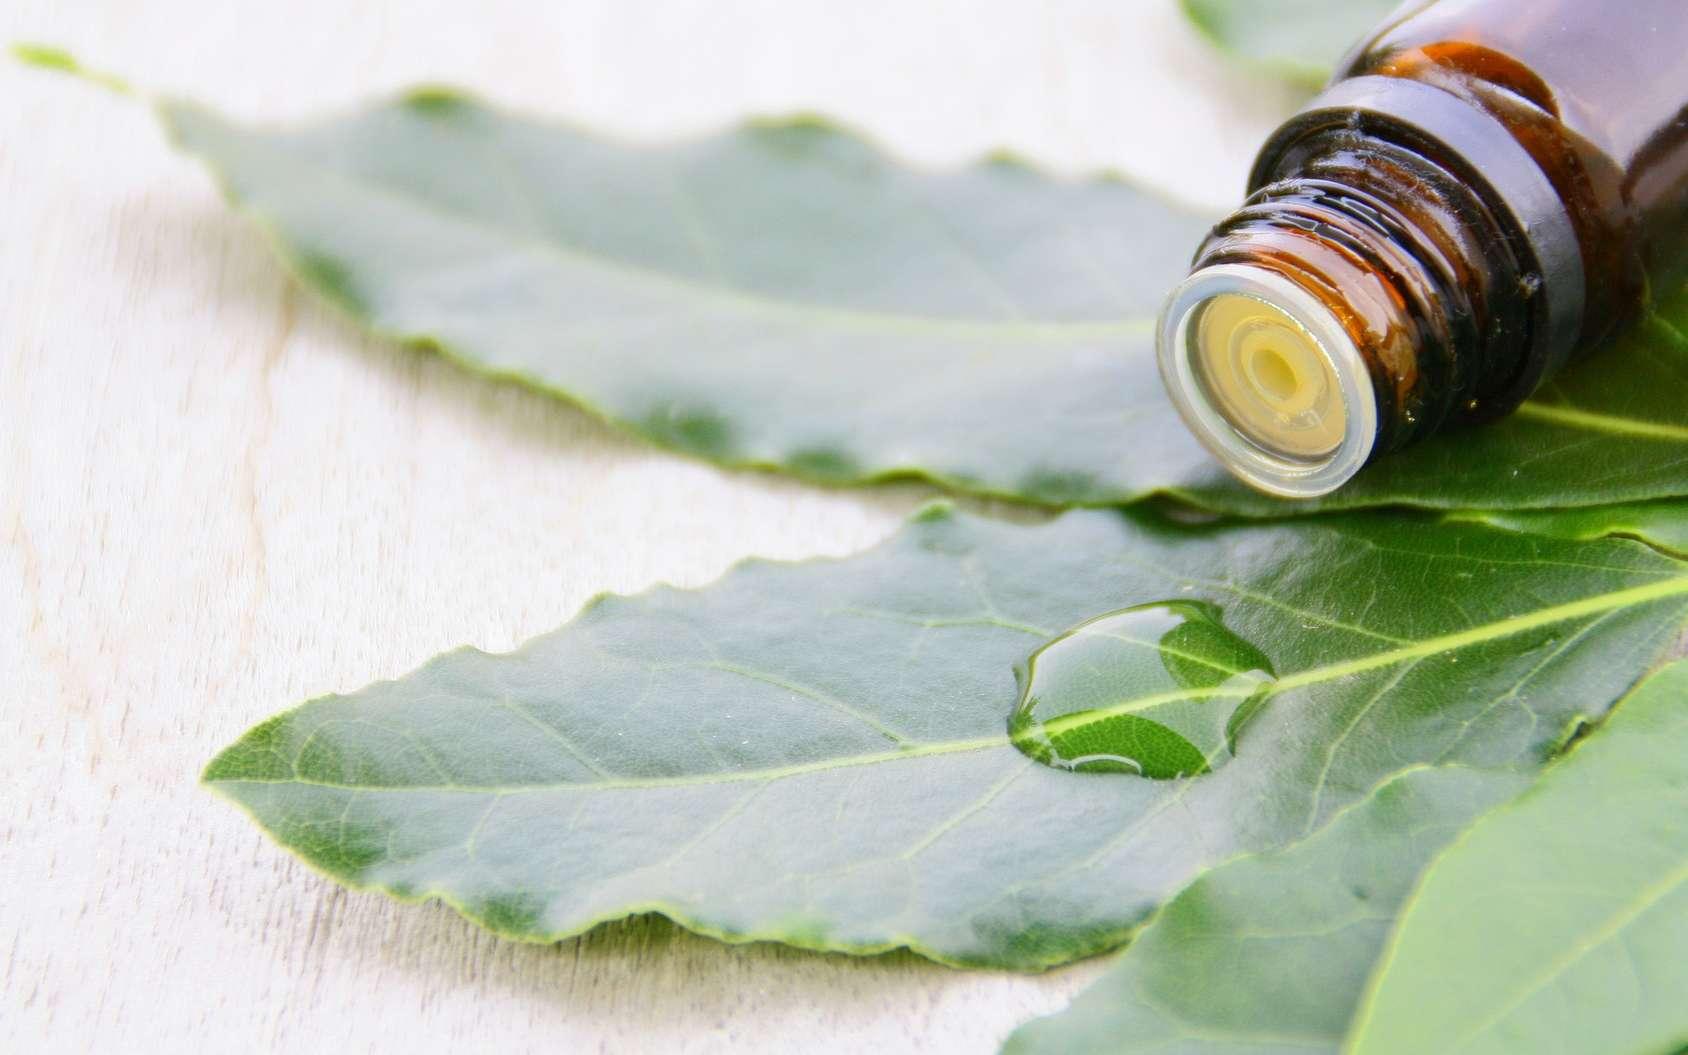 L'huile essentielle de laurier noble concentre les bienfaits de cet arbuste méditerranéen. Elle stimule le système digestif ainsi que la pousse des cheveux. © Patryssia, Fotolia